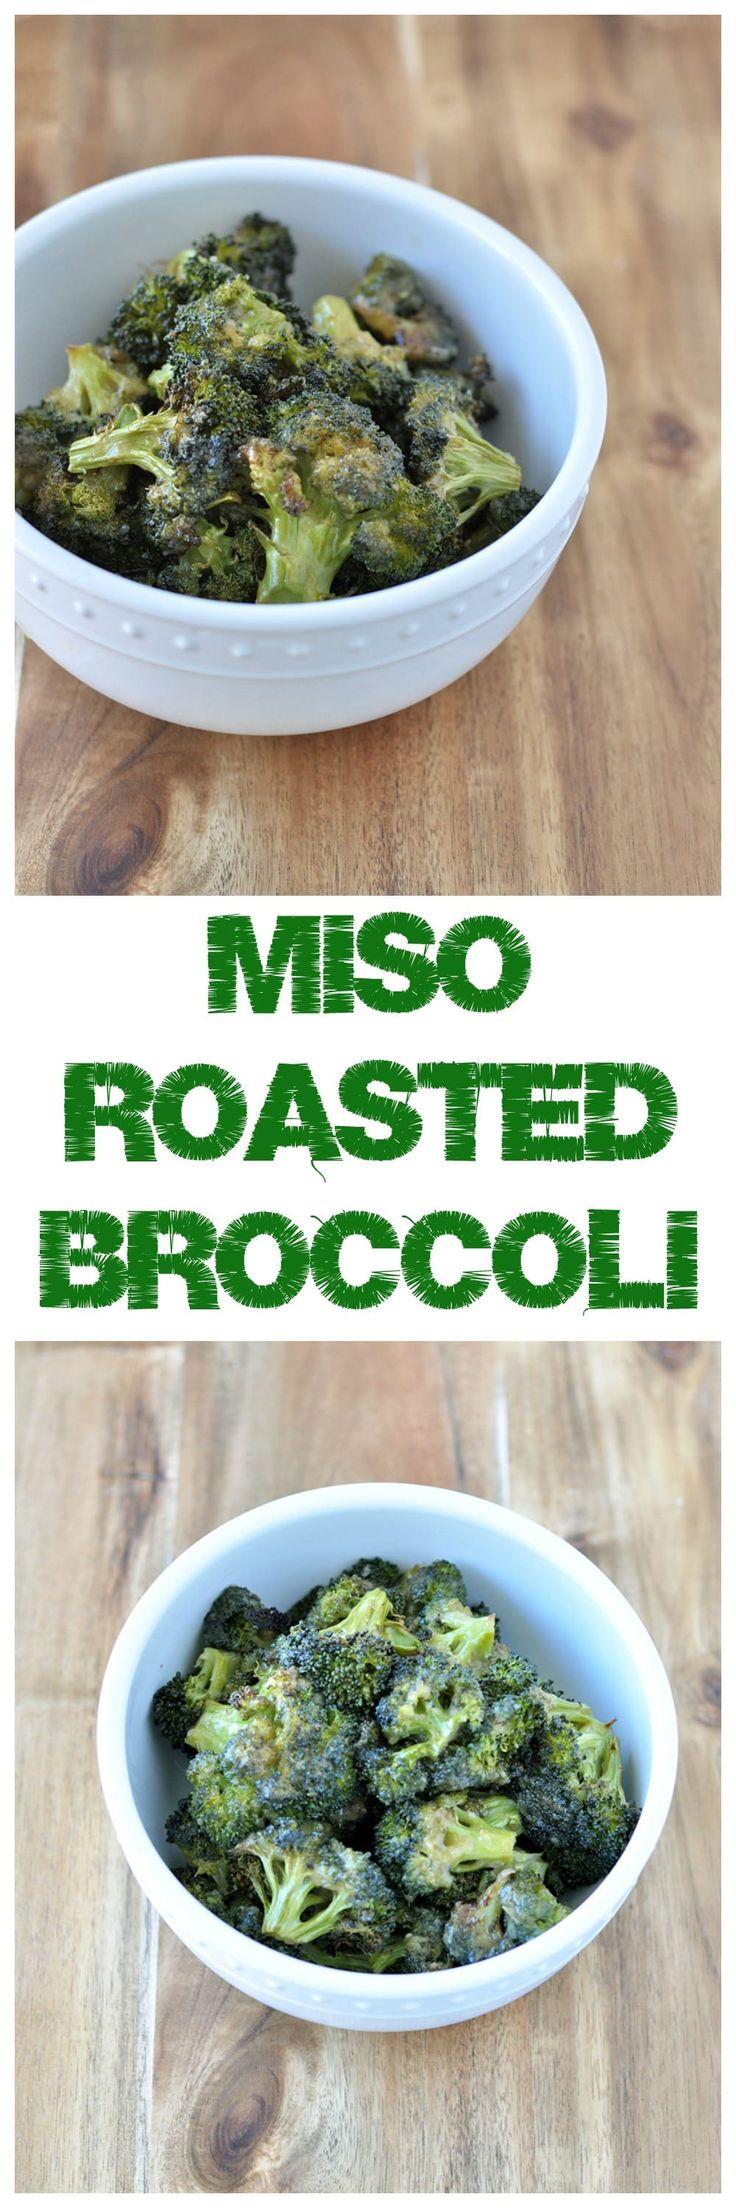 miso roasted broccoli